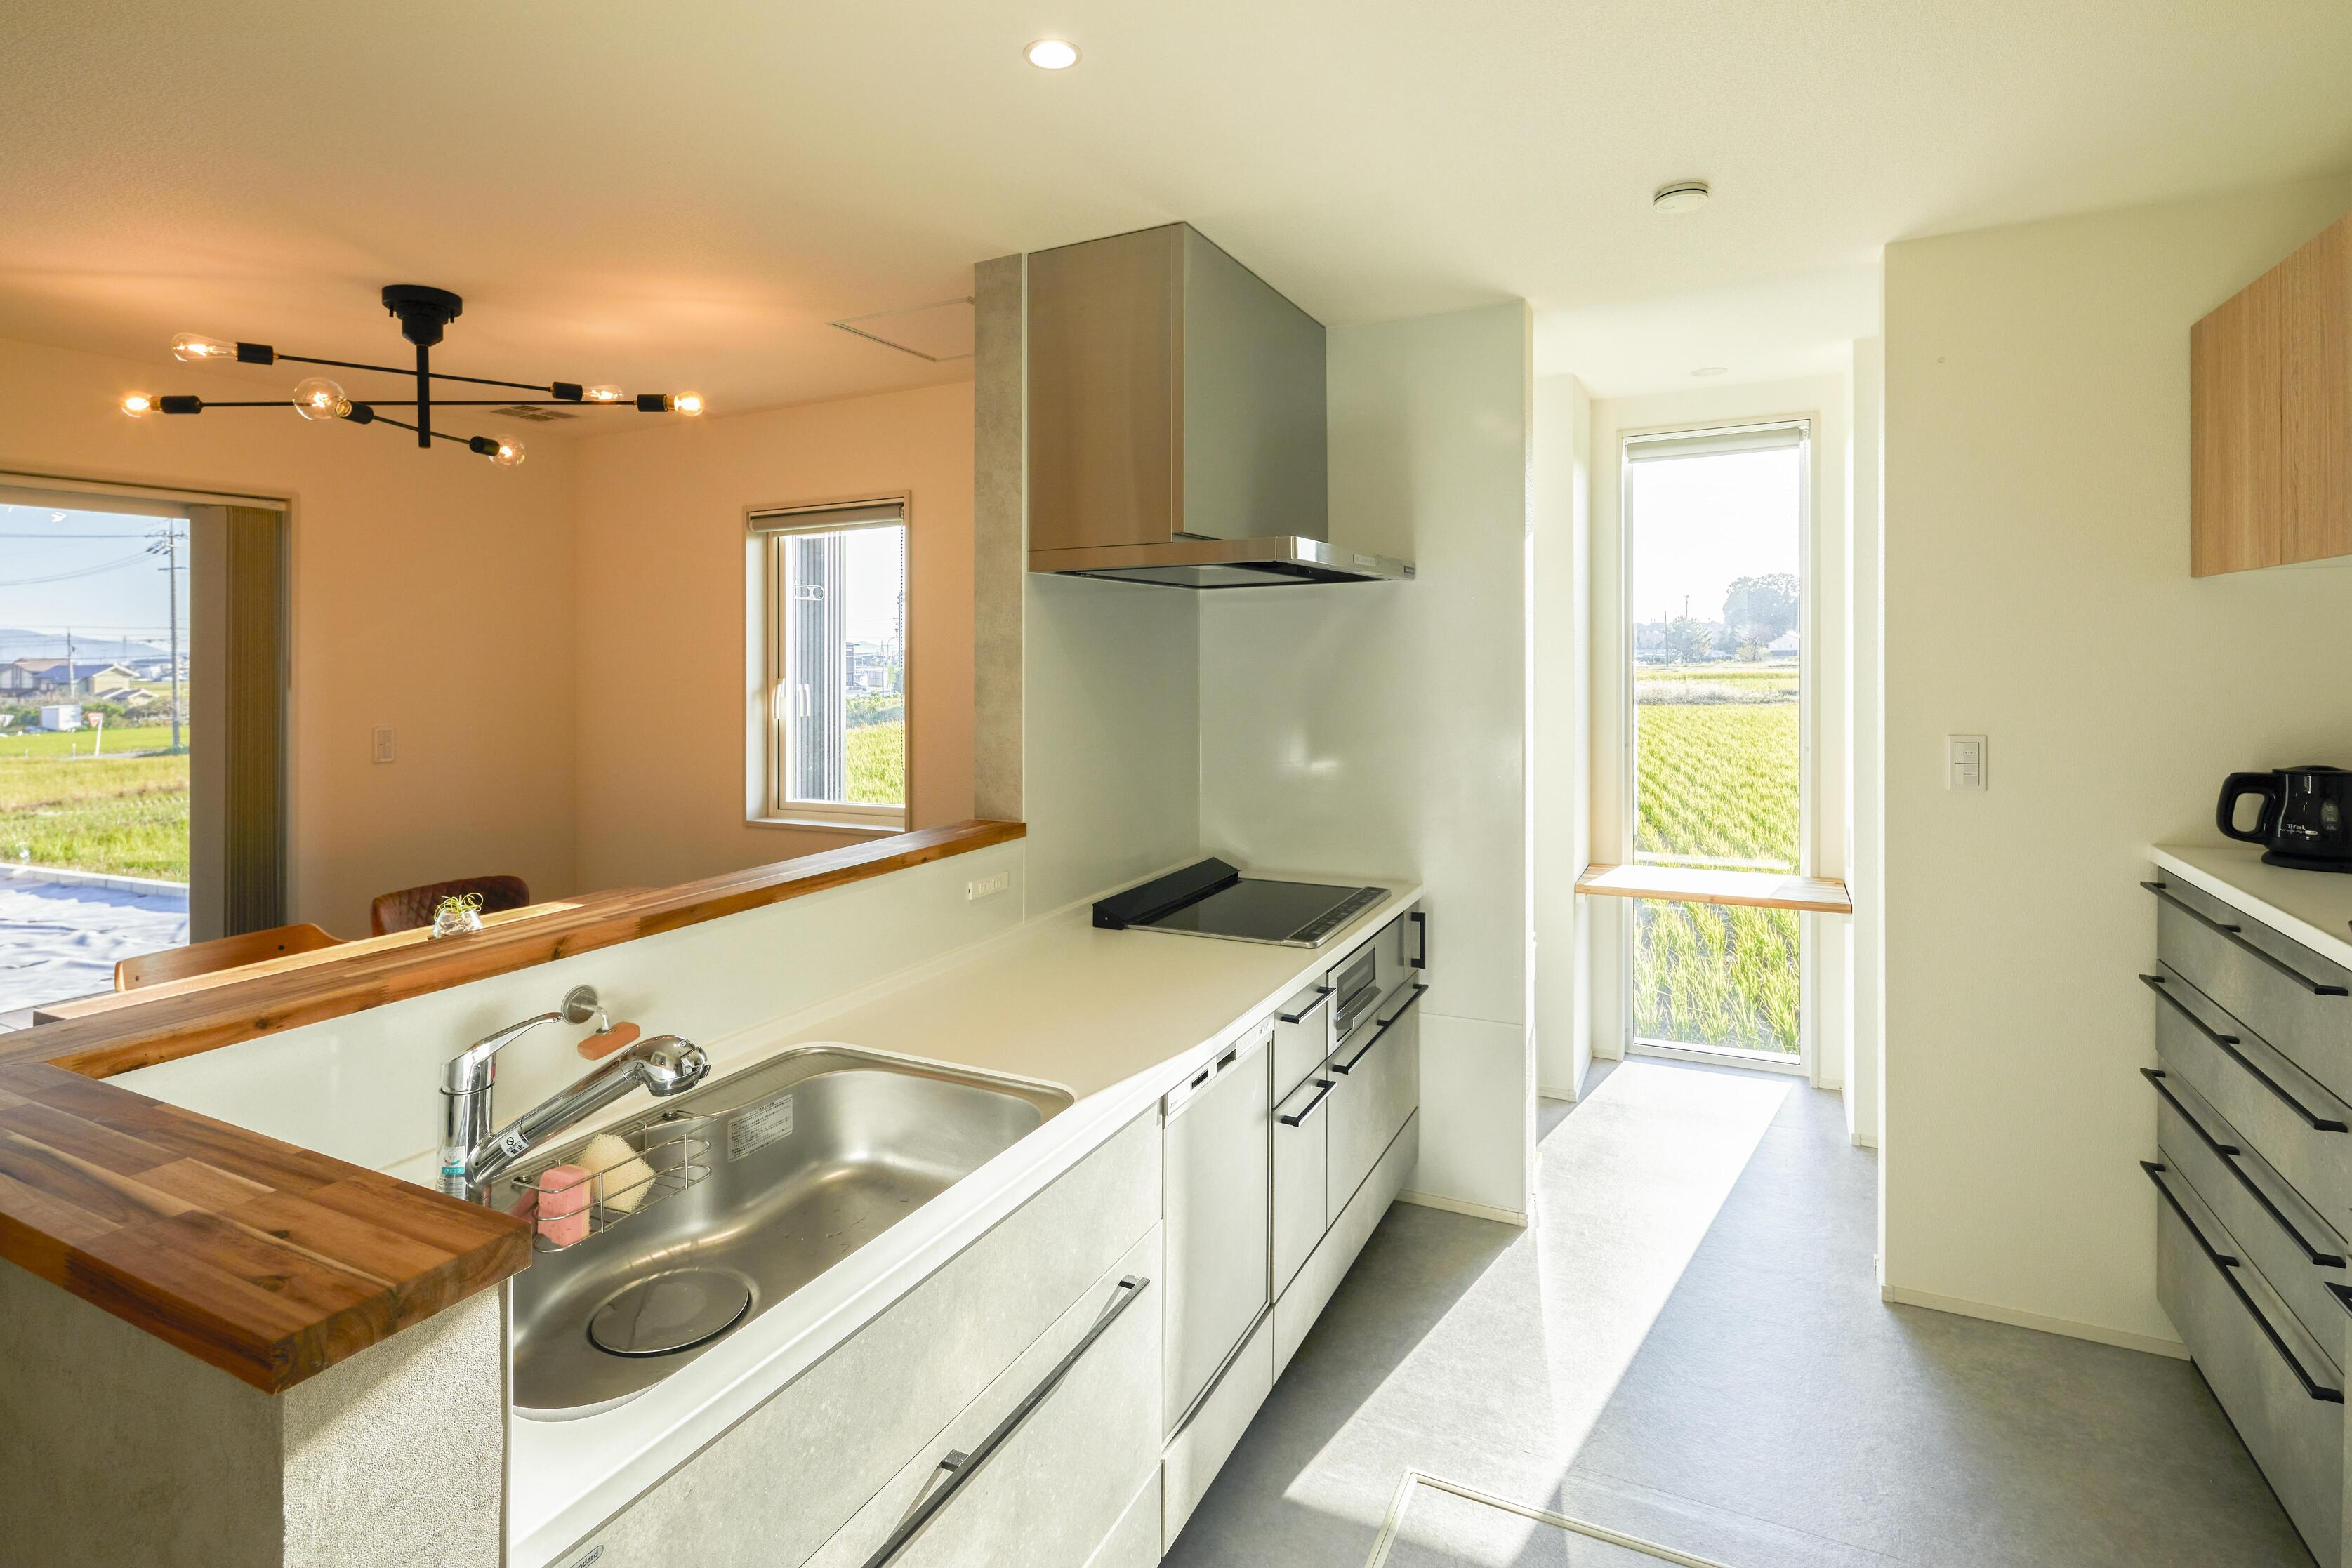 キッチン奥にはミセスコーナーがあり、家事のしやすさ抜群。ミセスコーナーからシューズクロークへの動線もあり、家事効率がしっかり考えられている。